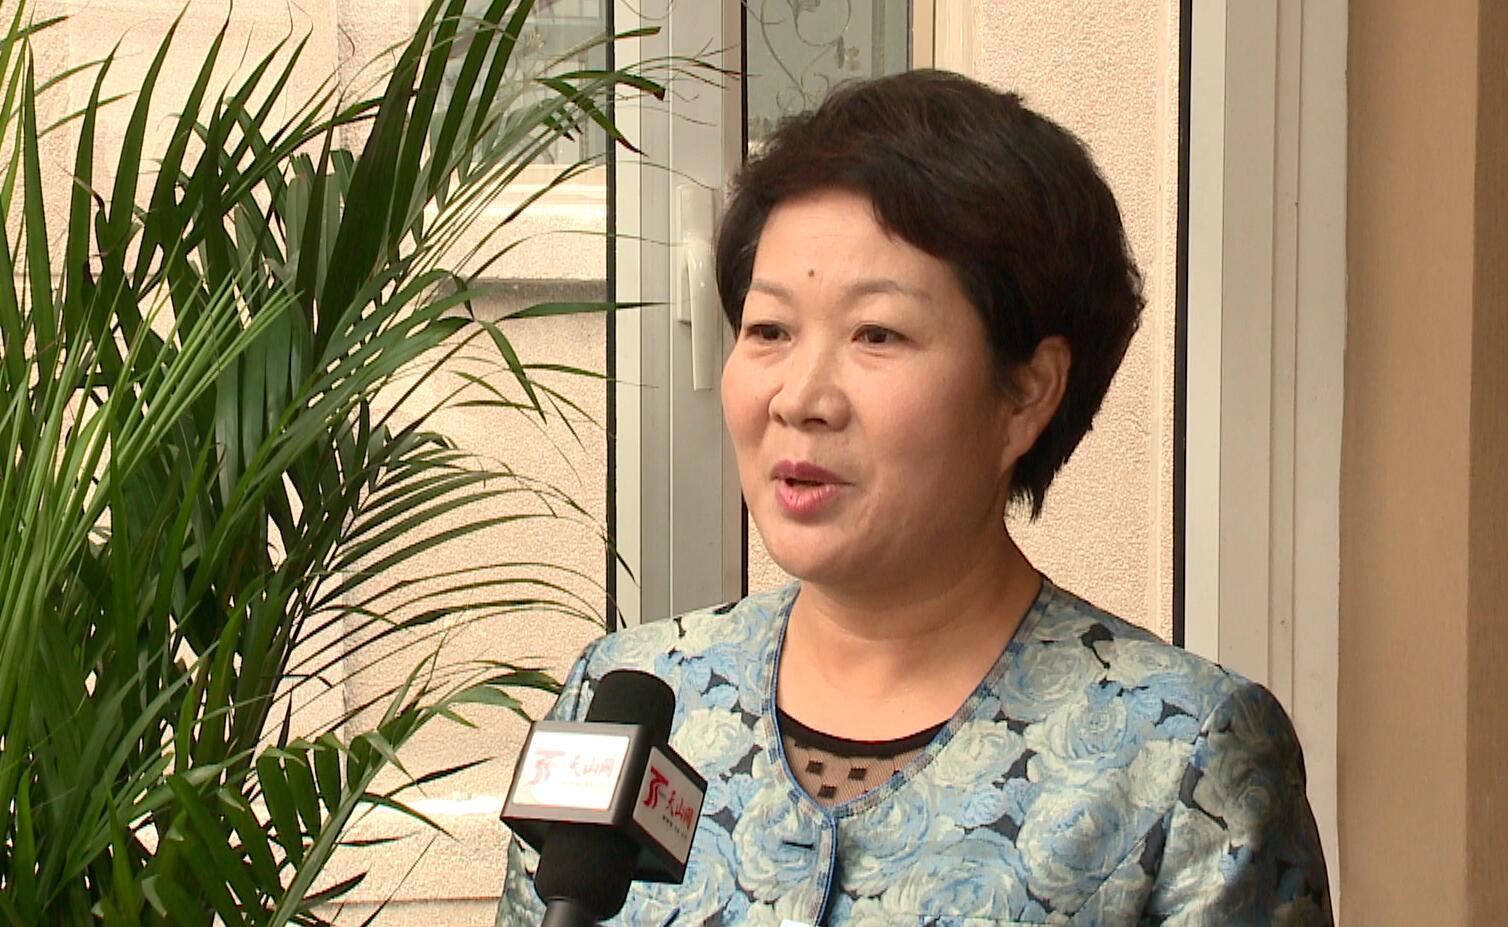 自治区政协委员 隋 霞:《政府工作报告》主题鲜明  全面客观